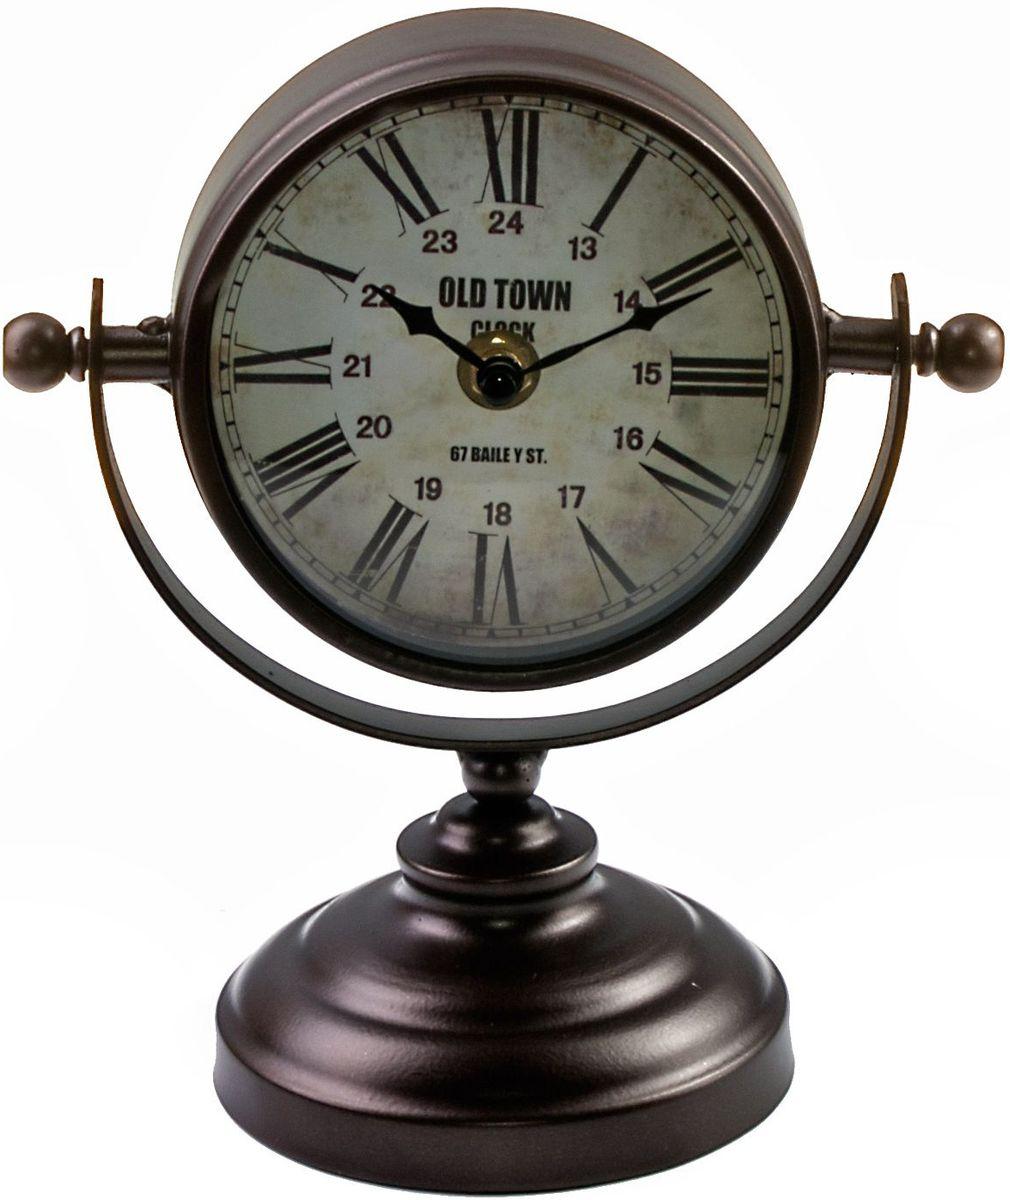 Часы настольные Miralight Copper, на подставке, цвет: темная медьML-5161 Copper Часы настольные на подставке, тёмная медьЧасы настольные Miralight Copper, изготовленные из металла, прекрасно украсят интерьер вашего помещения. Часы, выполненные в модном стиле ретро, имеют оригинальную подставку для удобного размещения на столе и массивный металлический корпус. Состаренный циферблат круглой формы имеет две стилизованные фигурные стрелки: часовую и минутную и элегантные римские цифры.Питание осуществляется от одной батарейки типа АА (не входит в комплект). Оформите свой дом таким интерьерным аксессуаром или преподнесите его в качестве презента друзьям, и они оценят ваш оригинальный вкус и неординарность подарка.